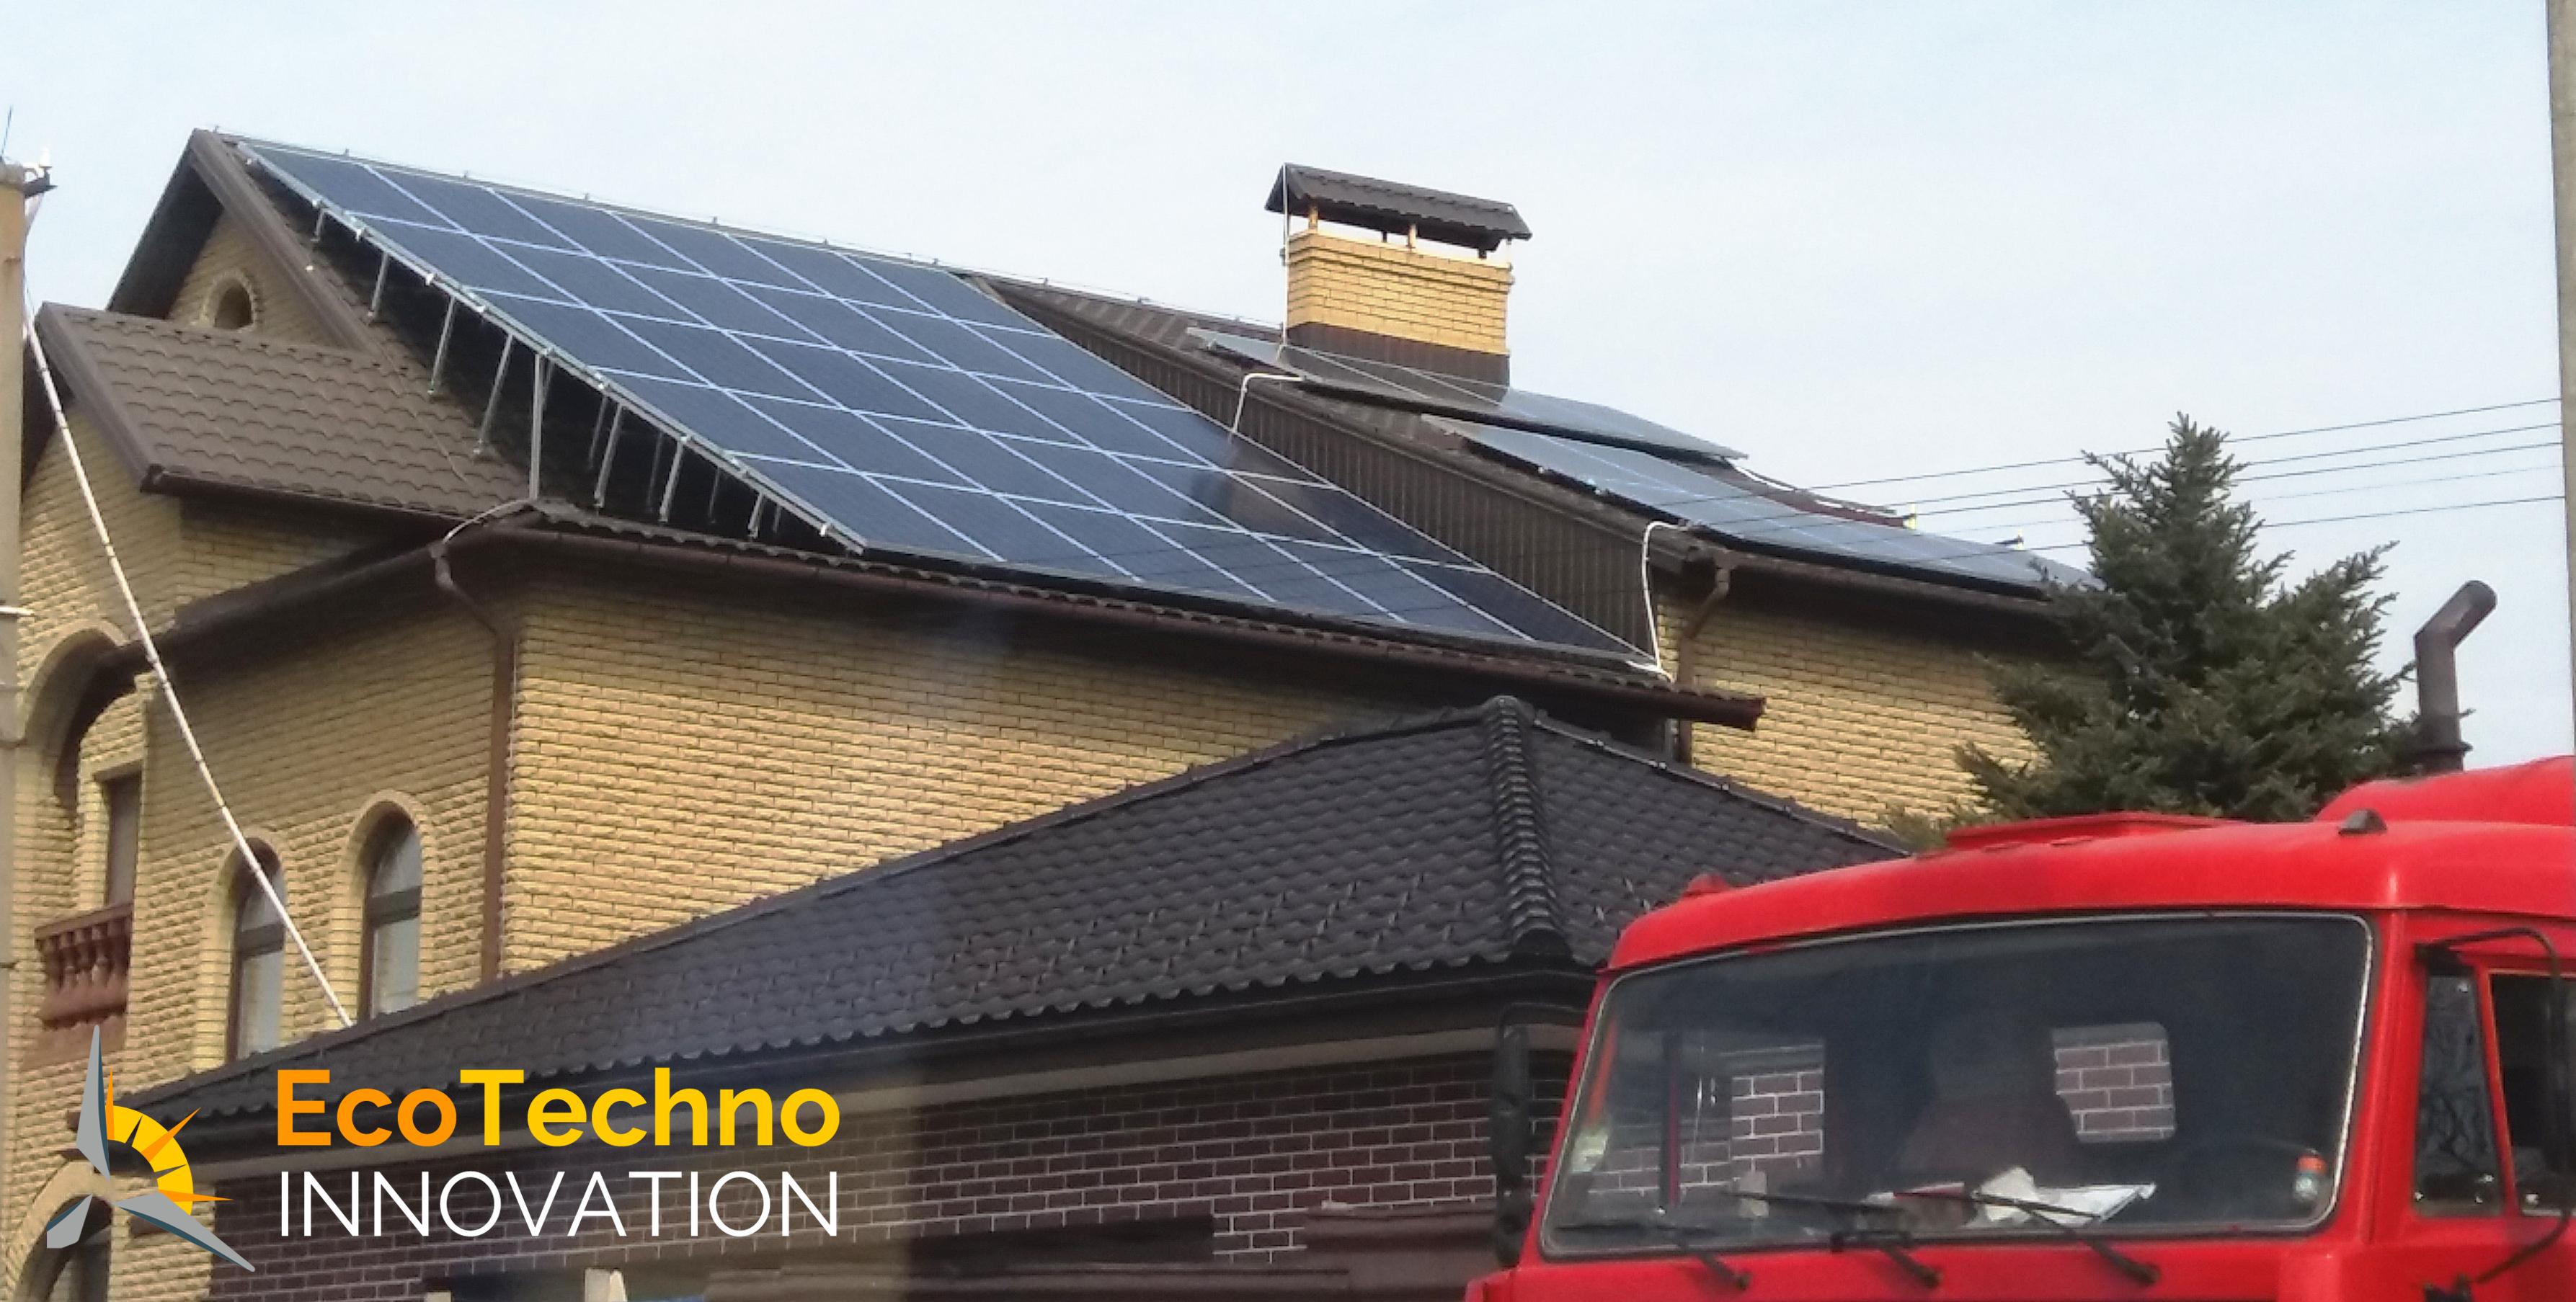 ecotechno-innovation-solar-station-zeleniy-tarif-zaporizhzhia-ukraina-1